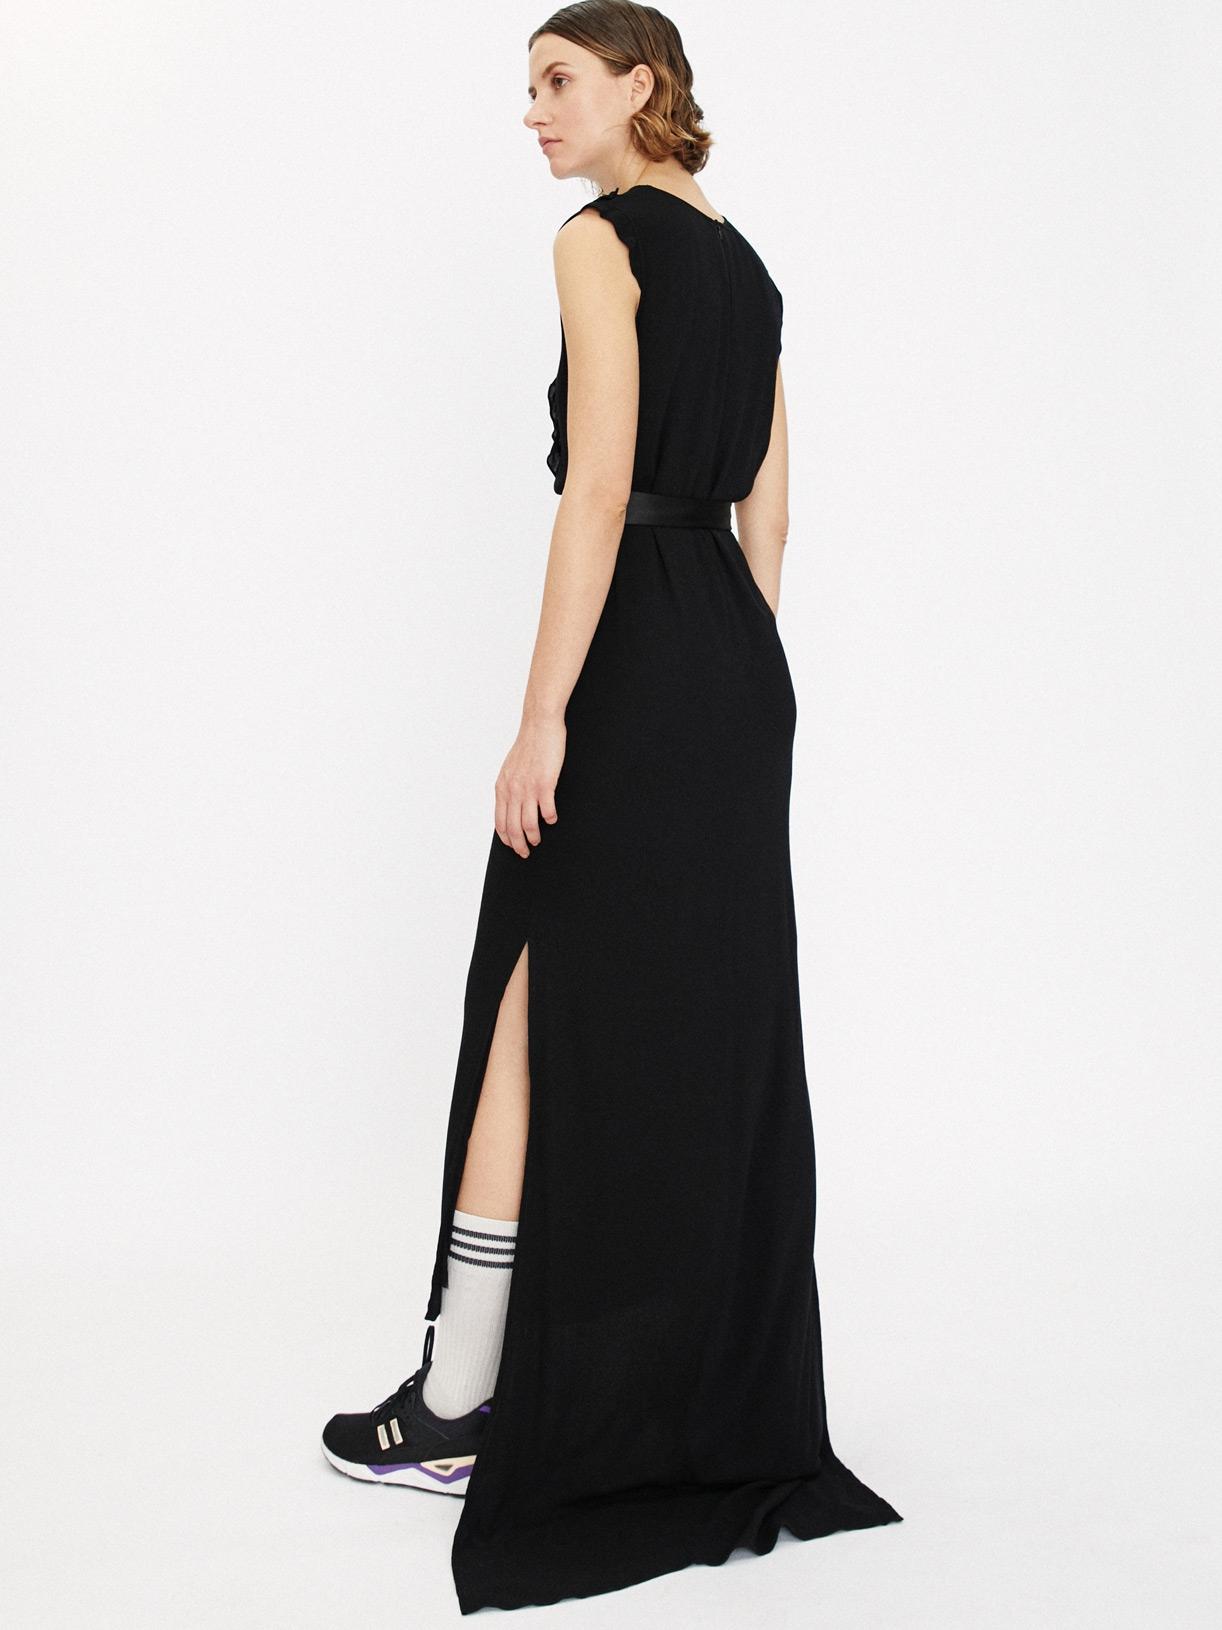 Robe fourreau fendue de soirée écoresponsable - Creatrice de robe de mariée éthique et bio a Paris - Myphilosophy